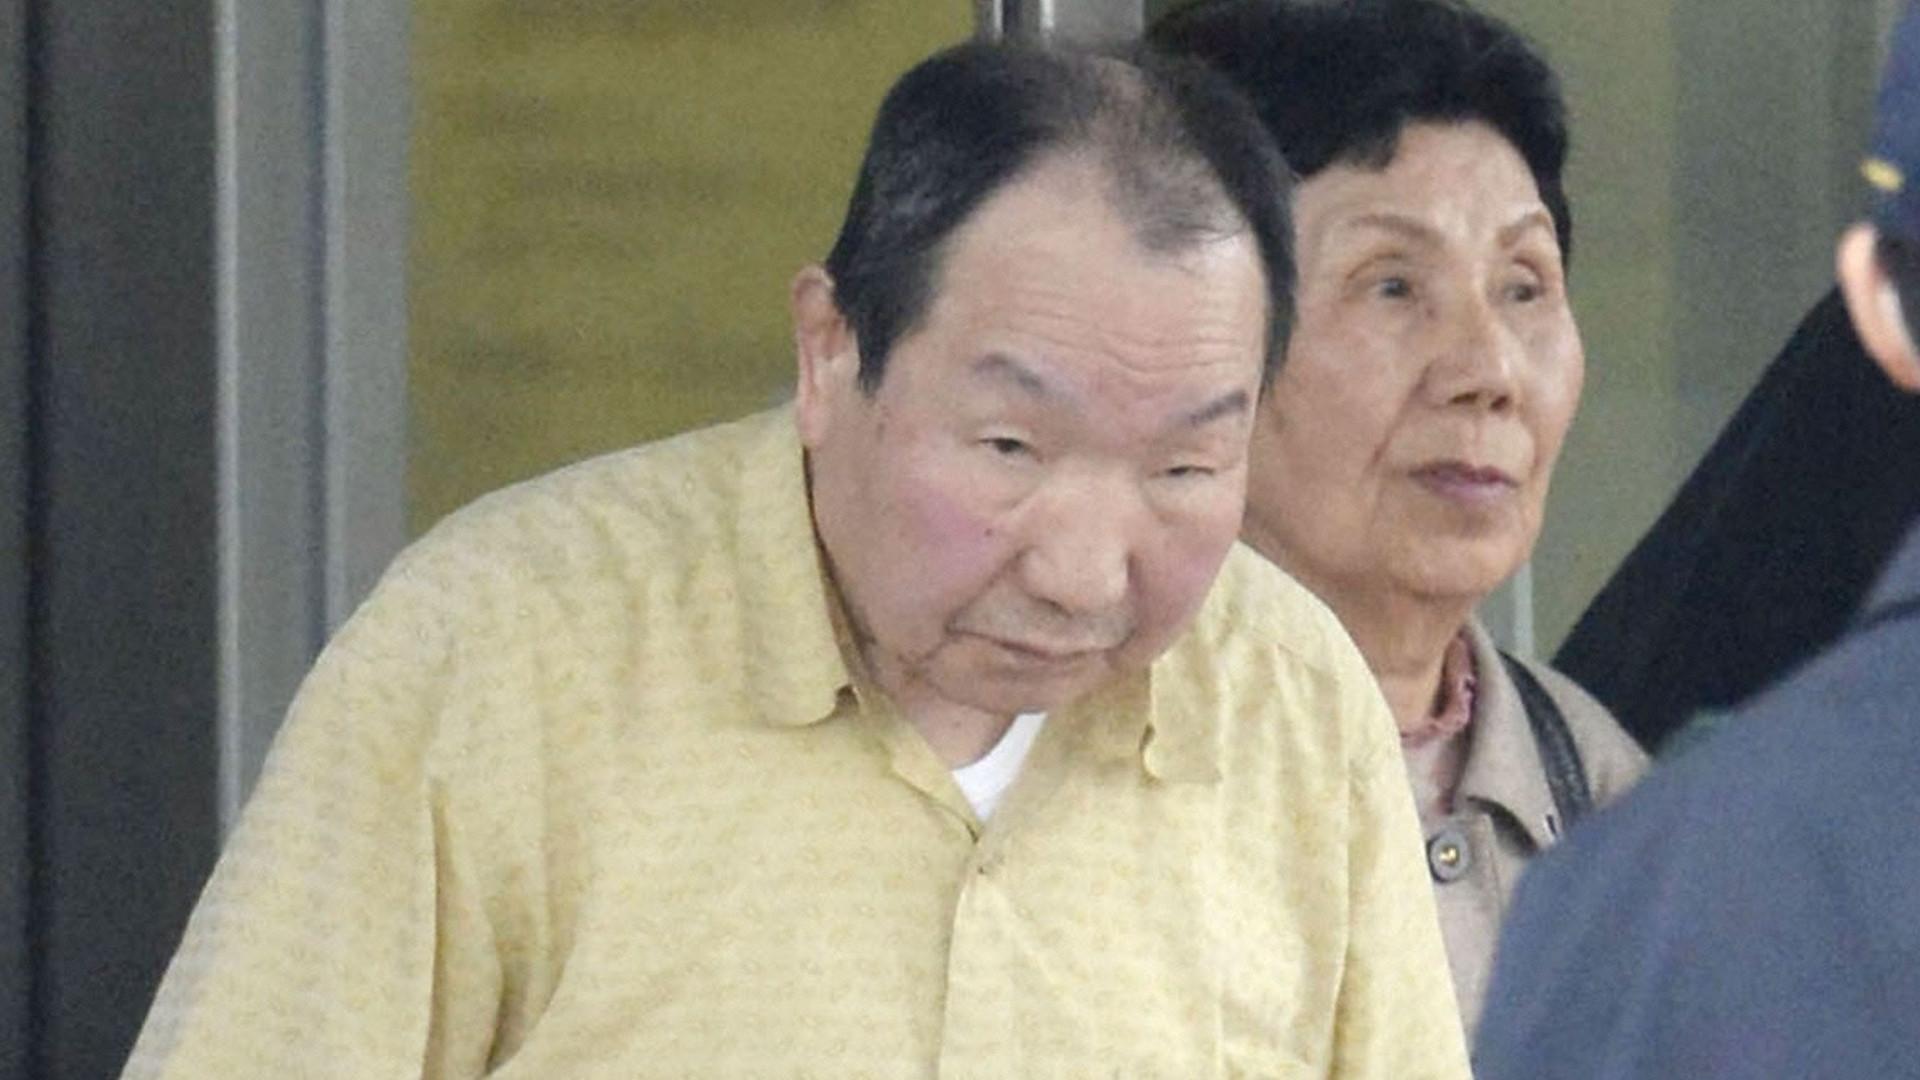 Japonês libertado após 45 anos no corredor da morte pode voltar à cadeia